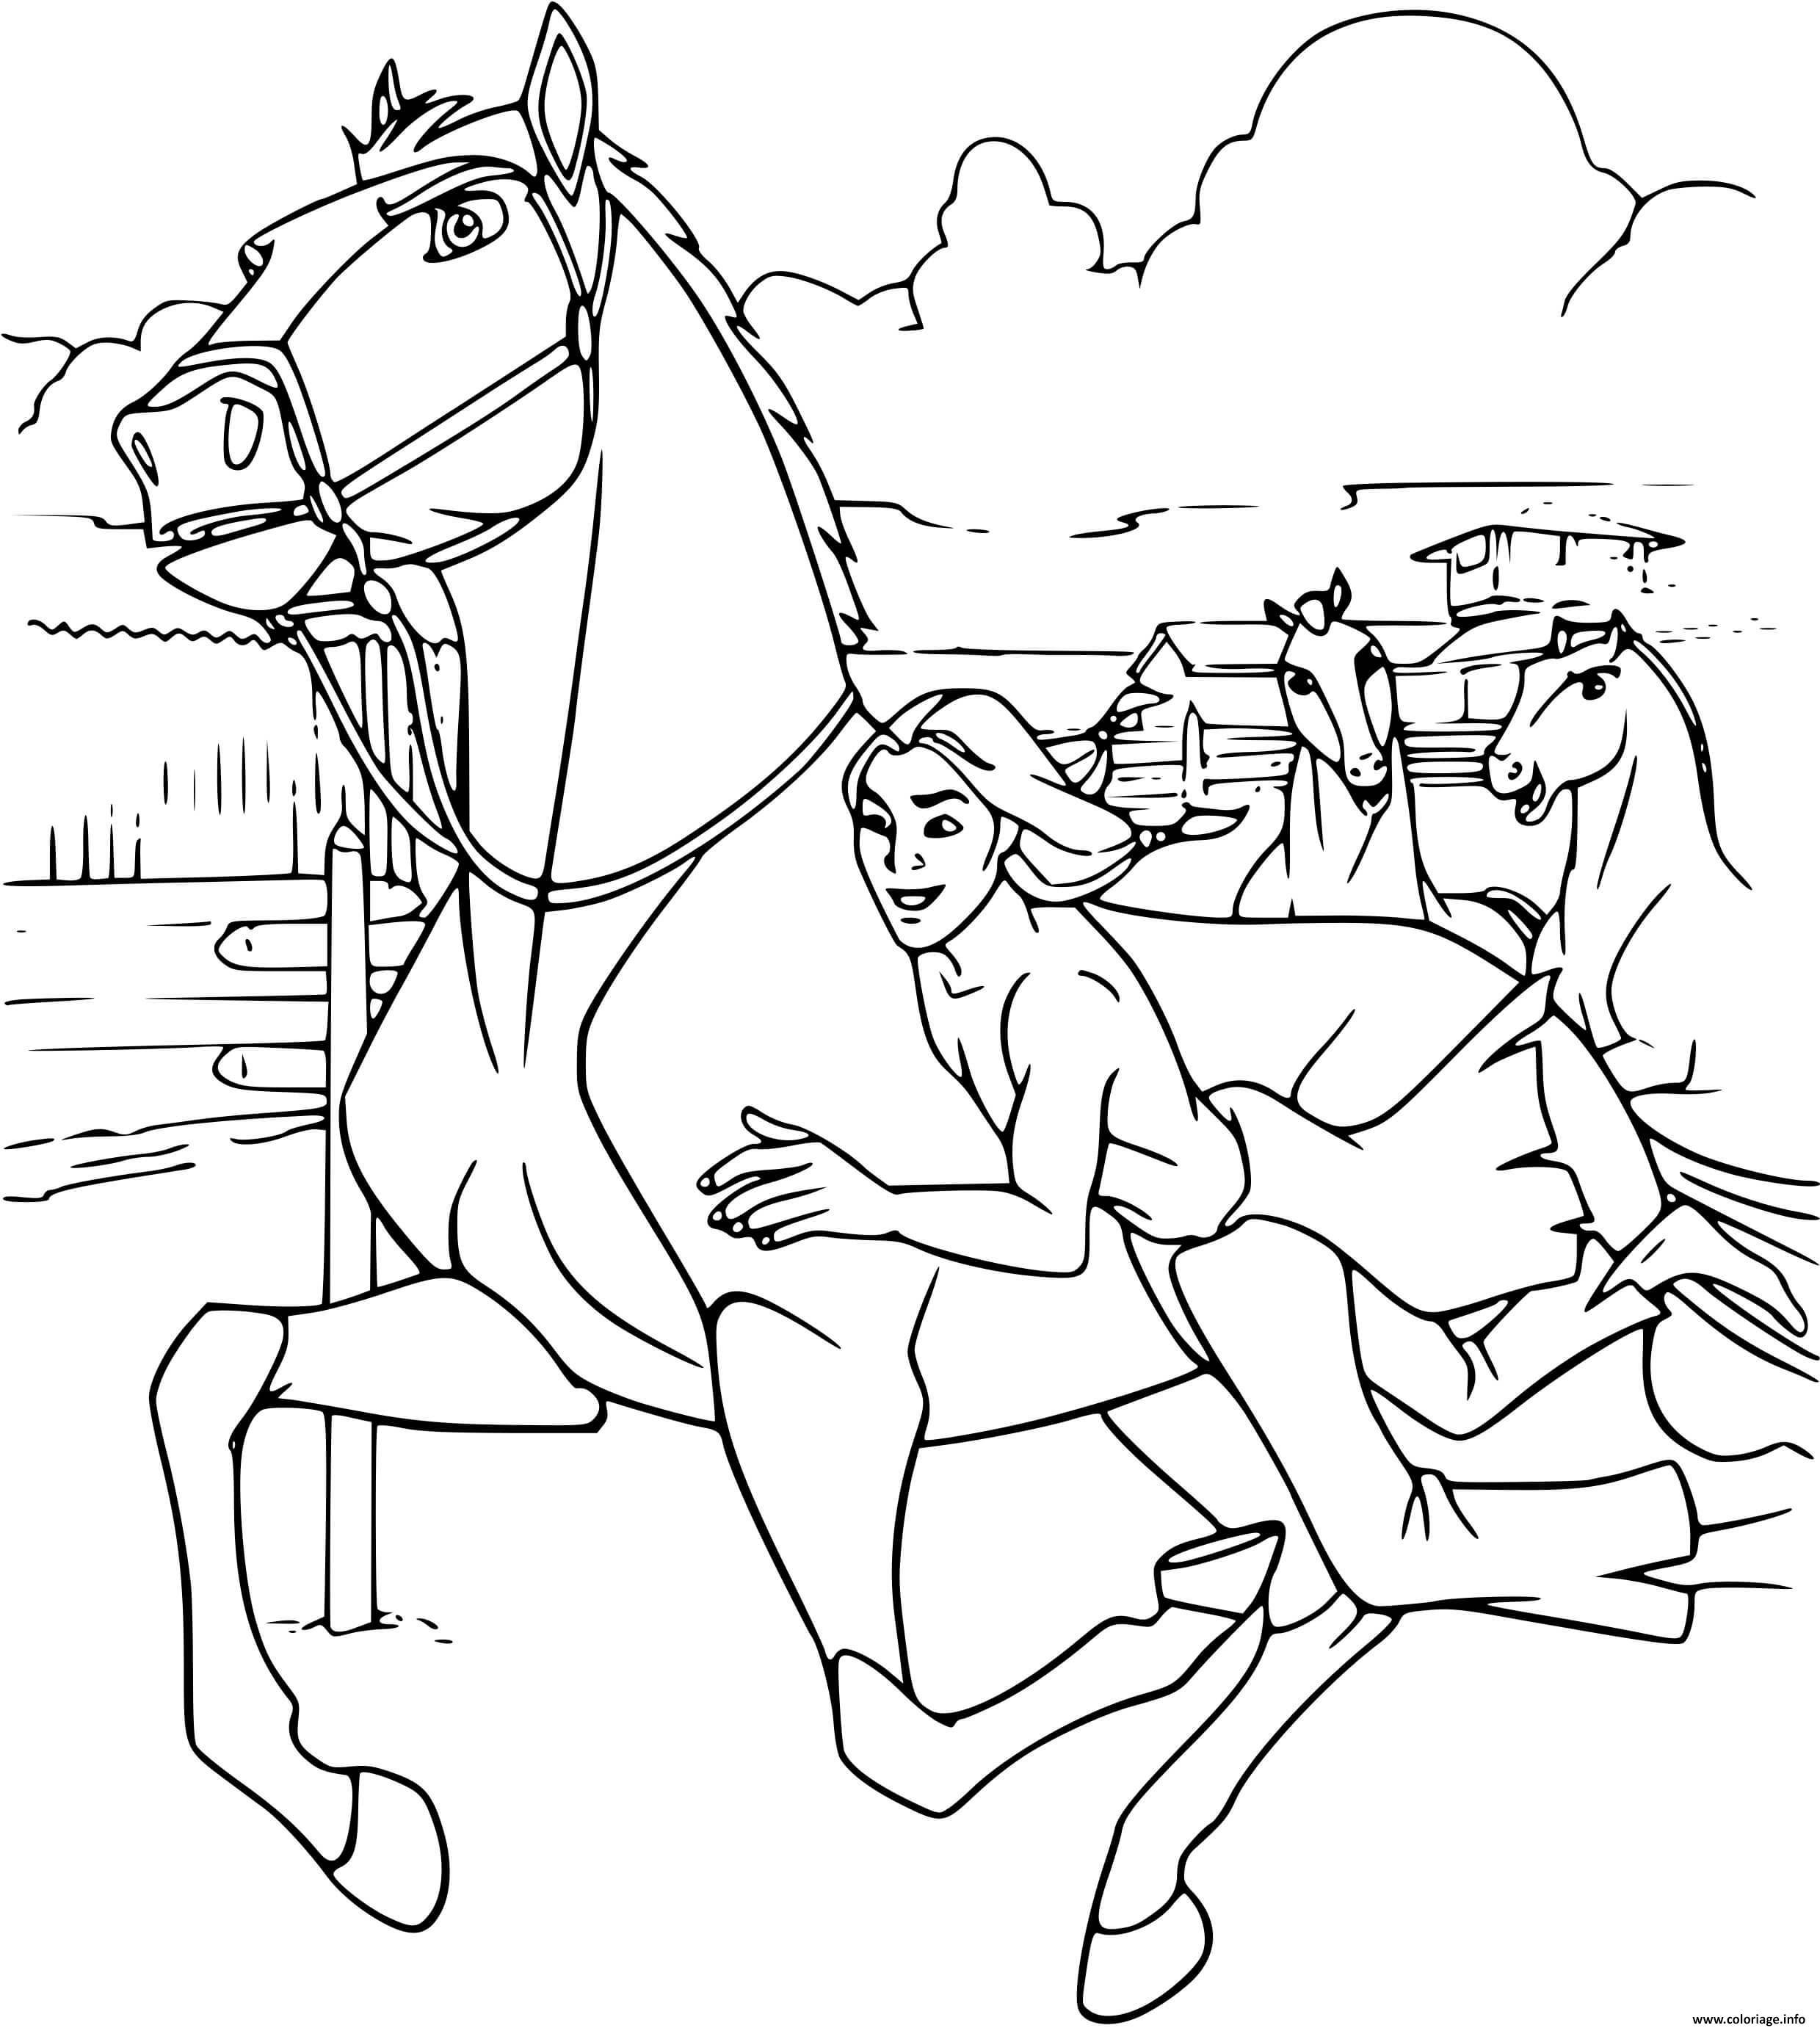 Dessin spirit pret pour la course avec son chevalier Coloriage Gratuit à Imprimer